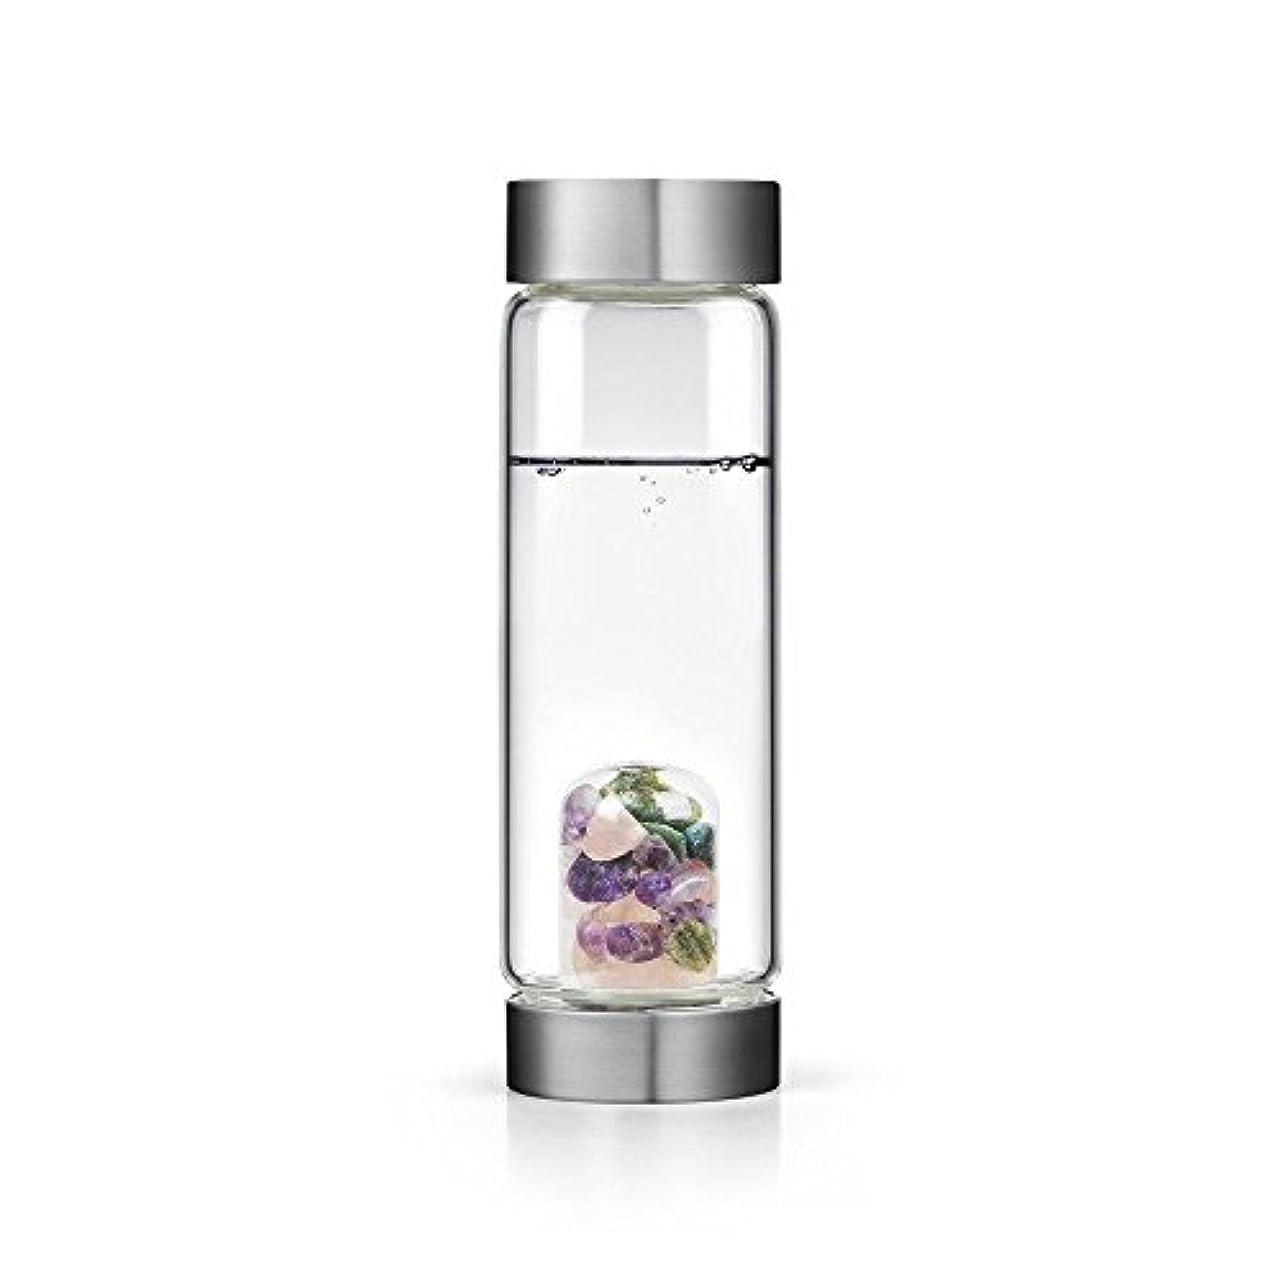 くまグローブ直立Beauty gem-waterボトルby VitaJuwel W / Freeカリフォルニアホワイトセージバンドル 16.9 fl oz